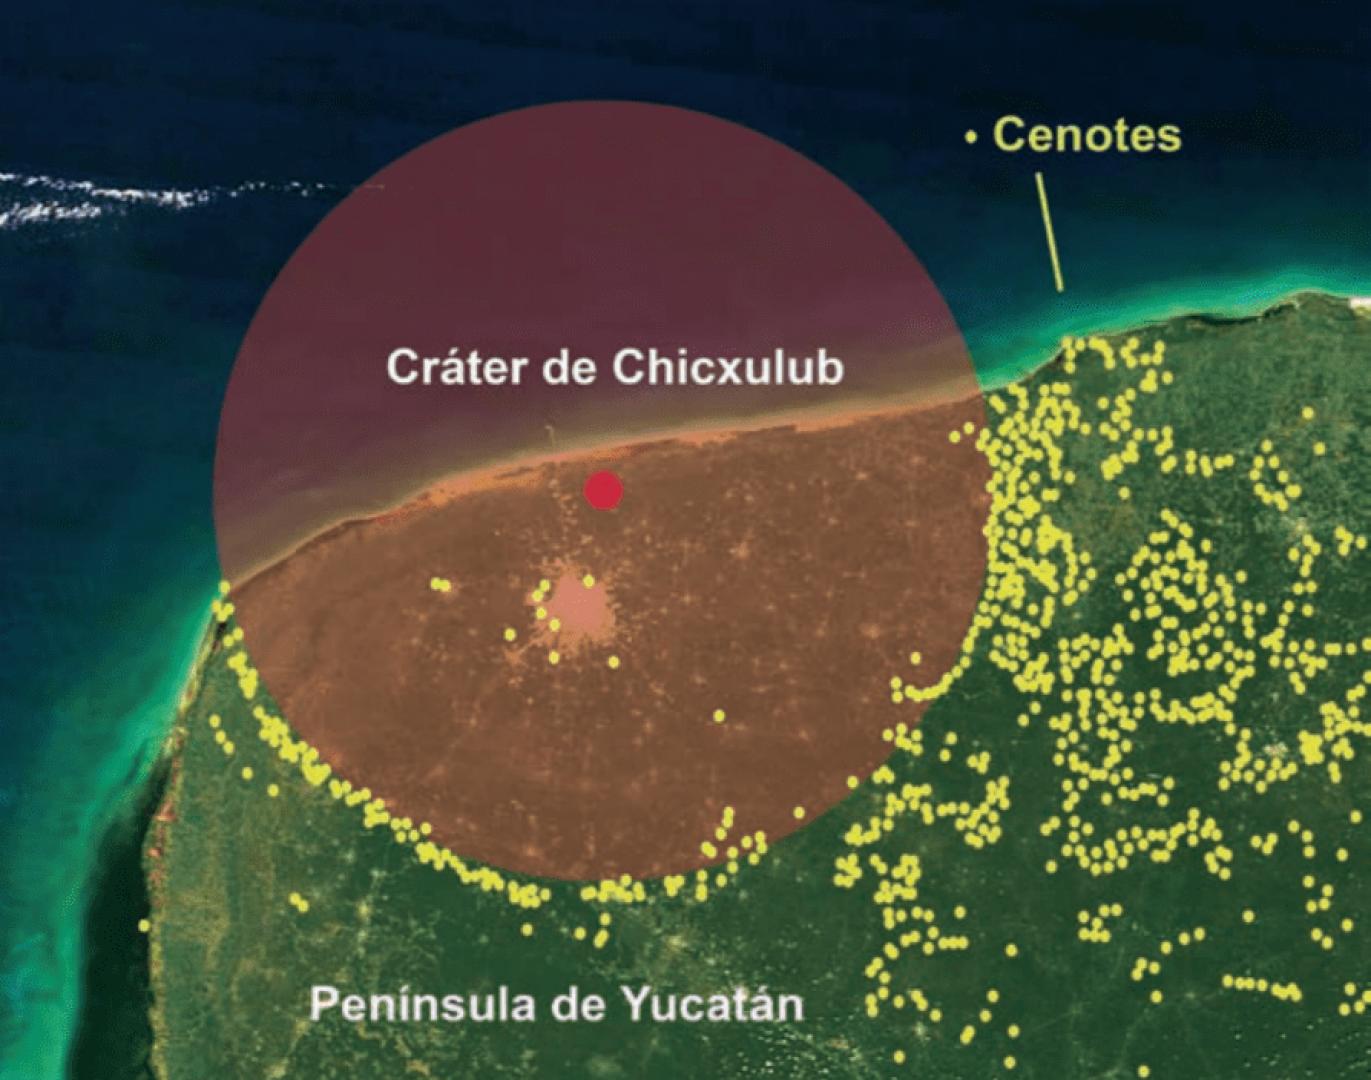 Anillo de Cenotes, el resultado del Meteorito